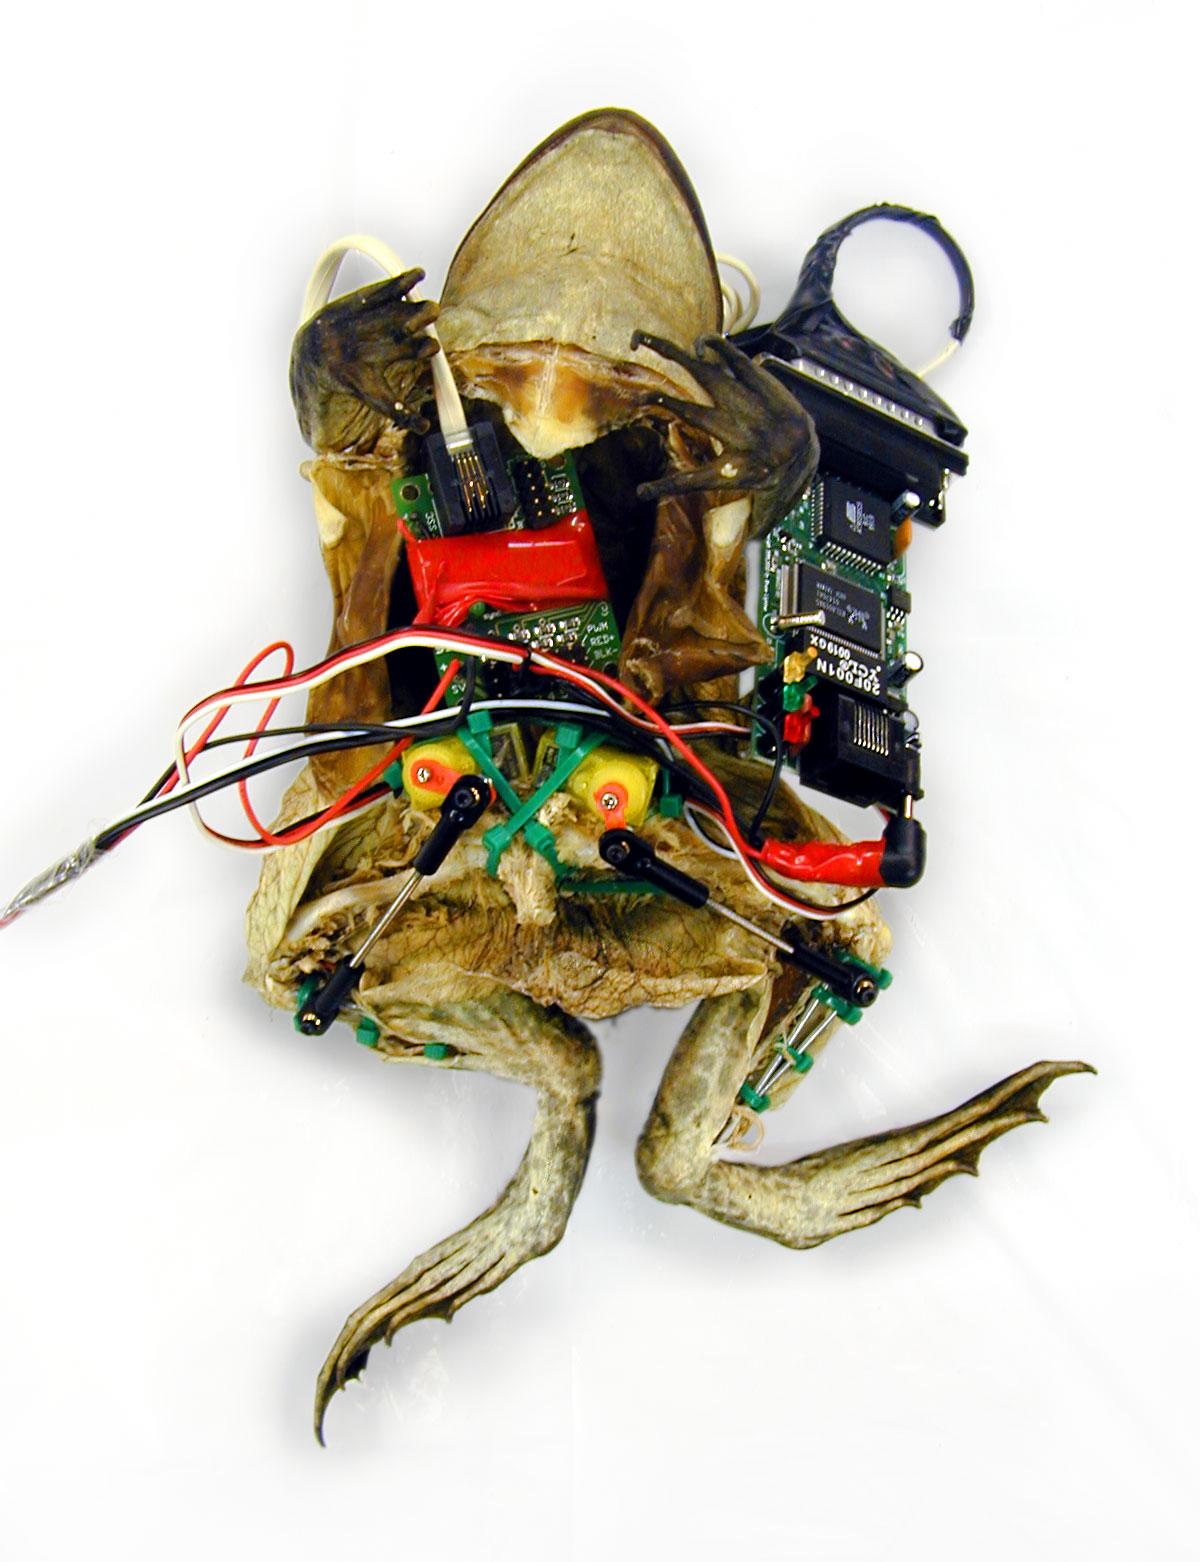 Garnet Hertz - Experiments in Galvanism: Frog with Implanted Webserver